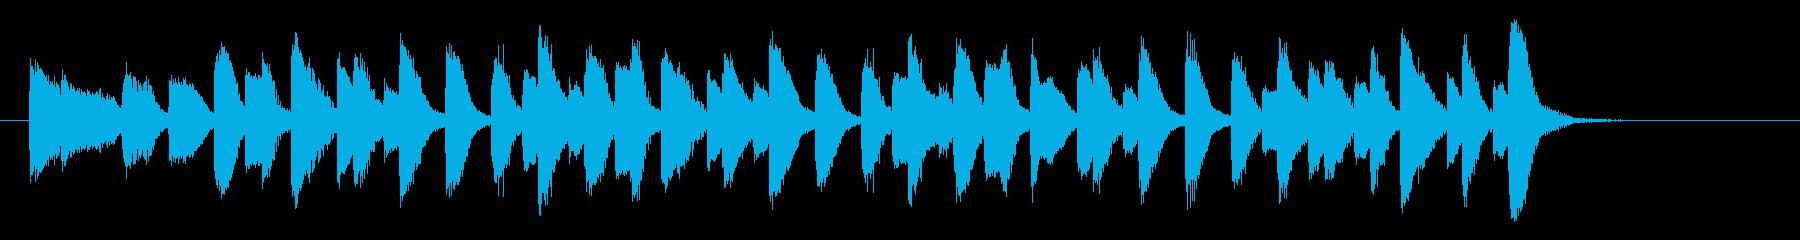 ラグタイムピアノ_オリジナルピアノ曲の再生済みの波形